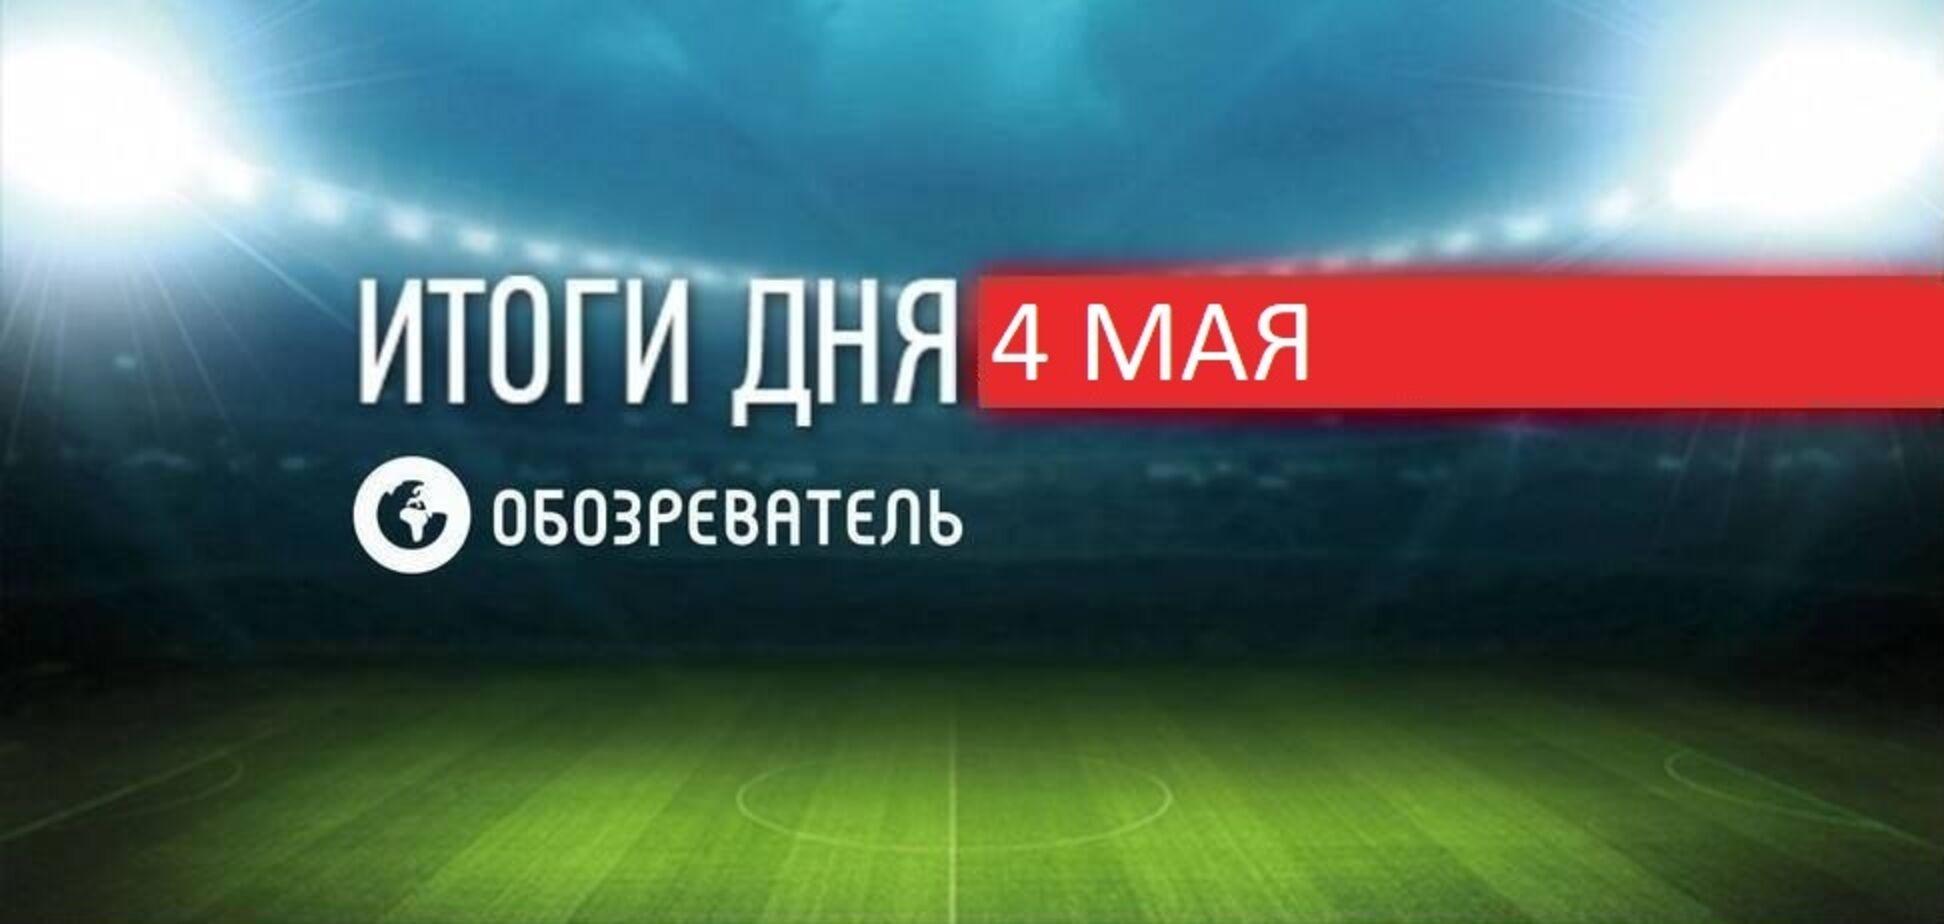 Новини спорту 4 травня: Зінченко з 'Манчестер Сіті' вийшов до фіналу Ліги чемпіонів